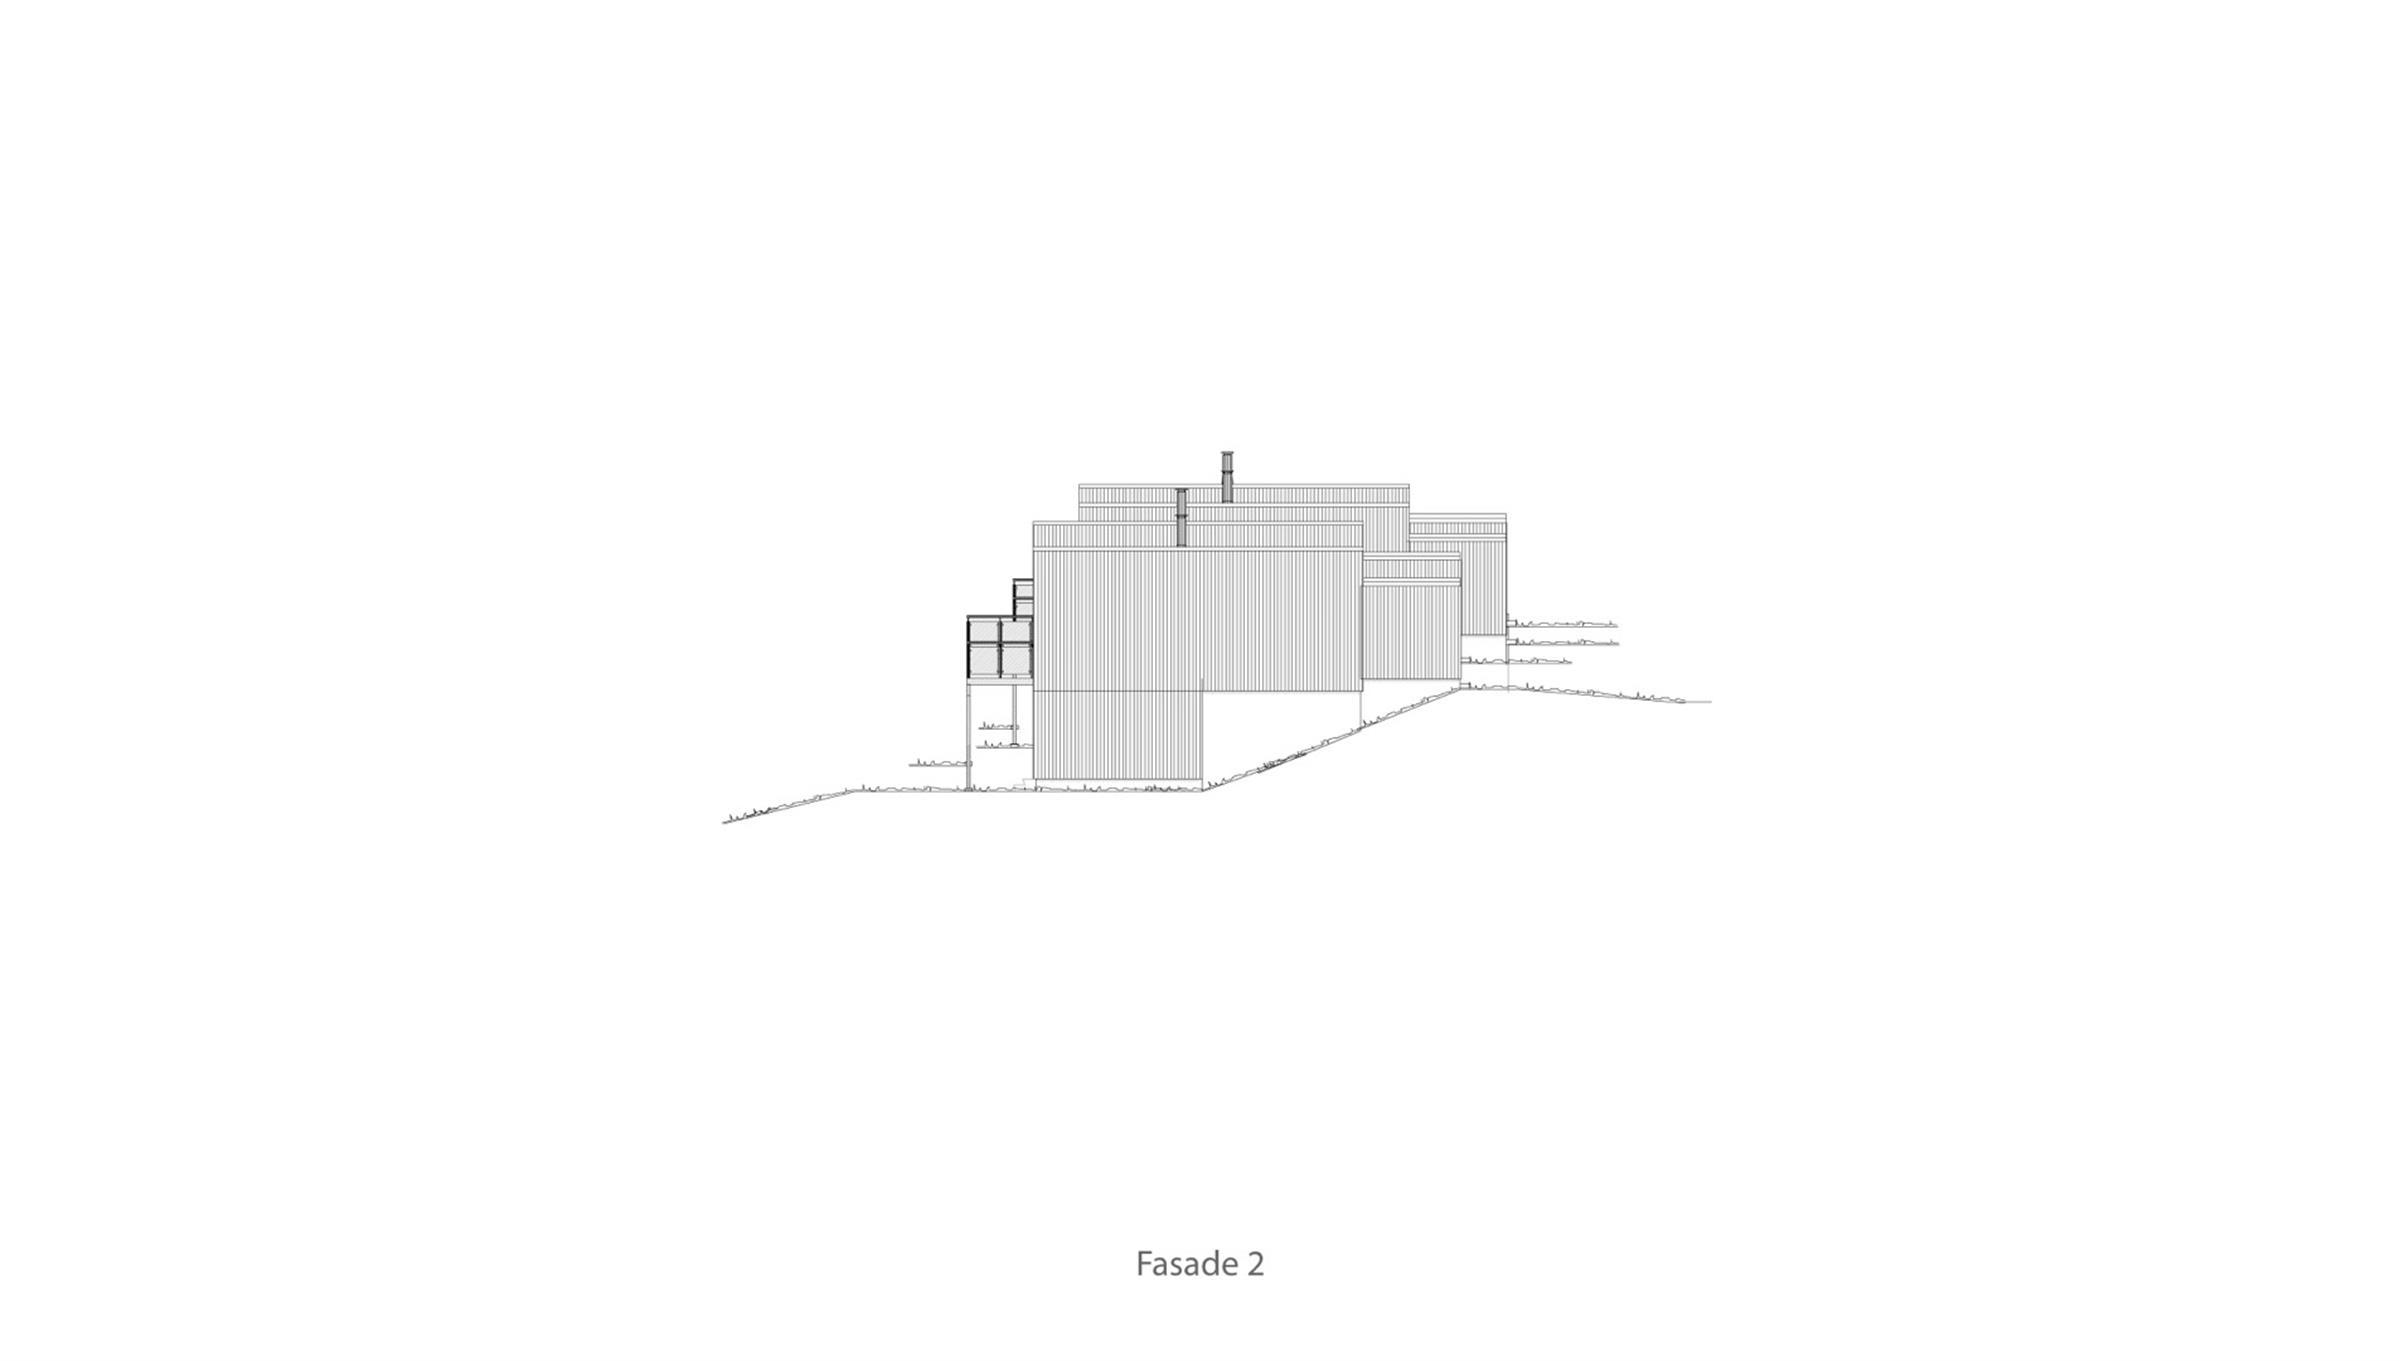 Finnsnes fasade 2